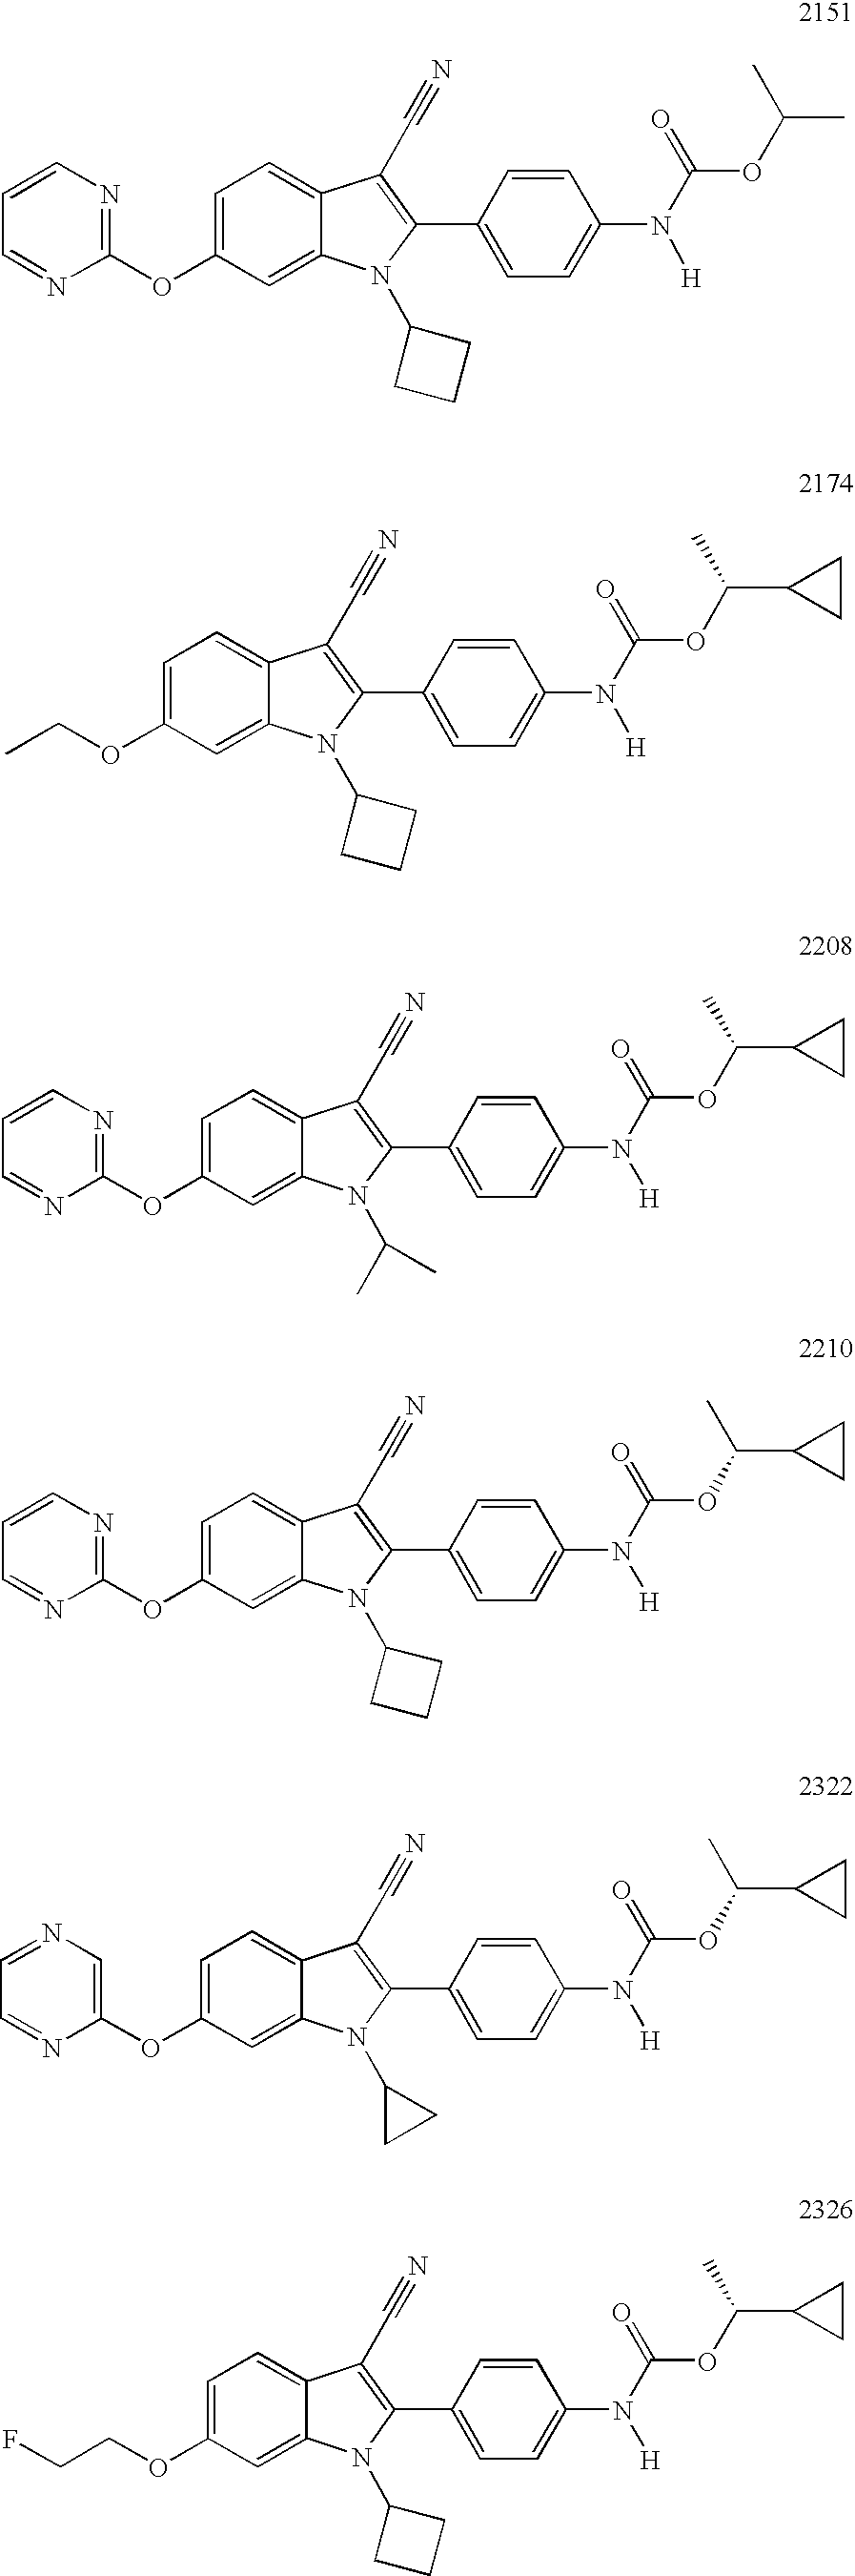 Figure US07781478-20100824-C00099